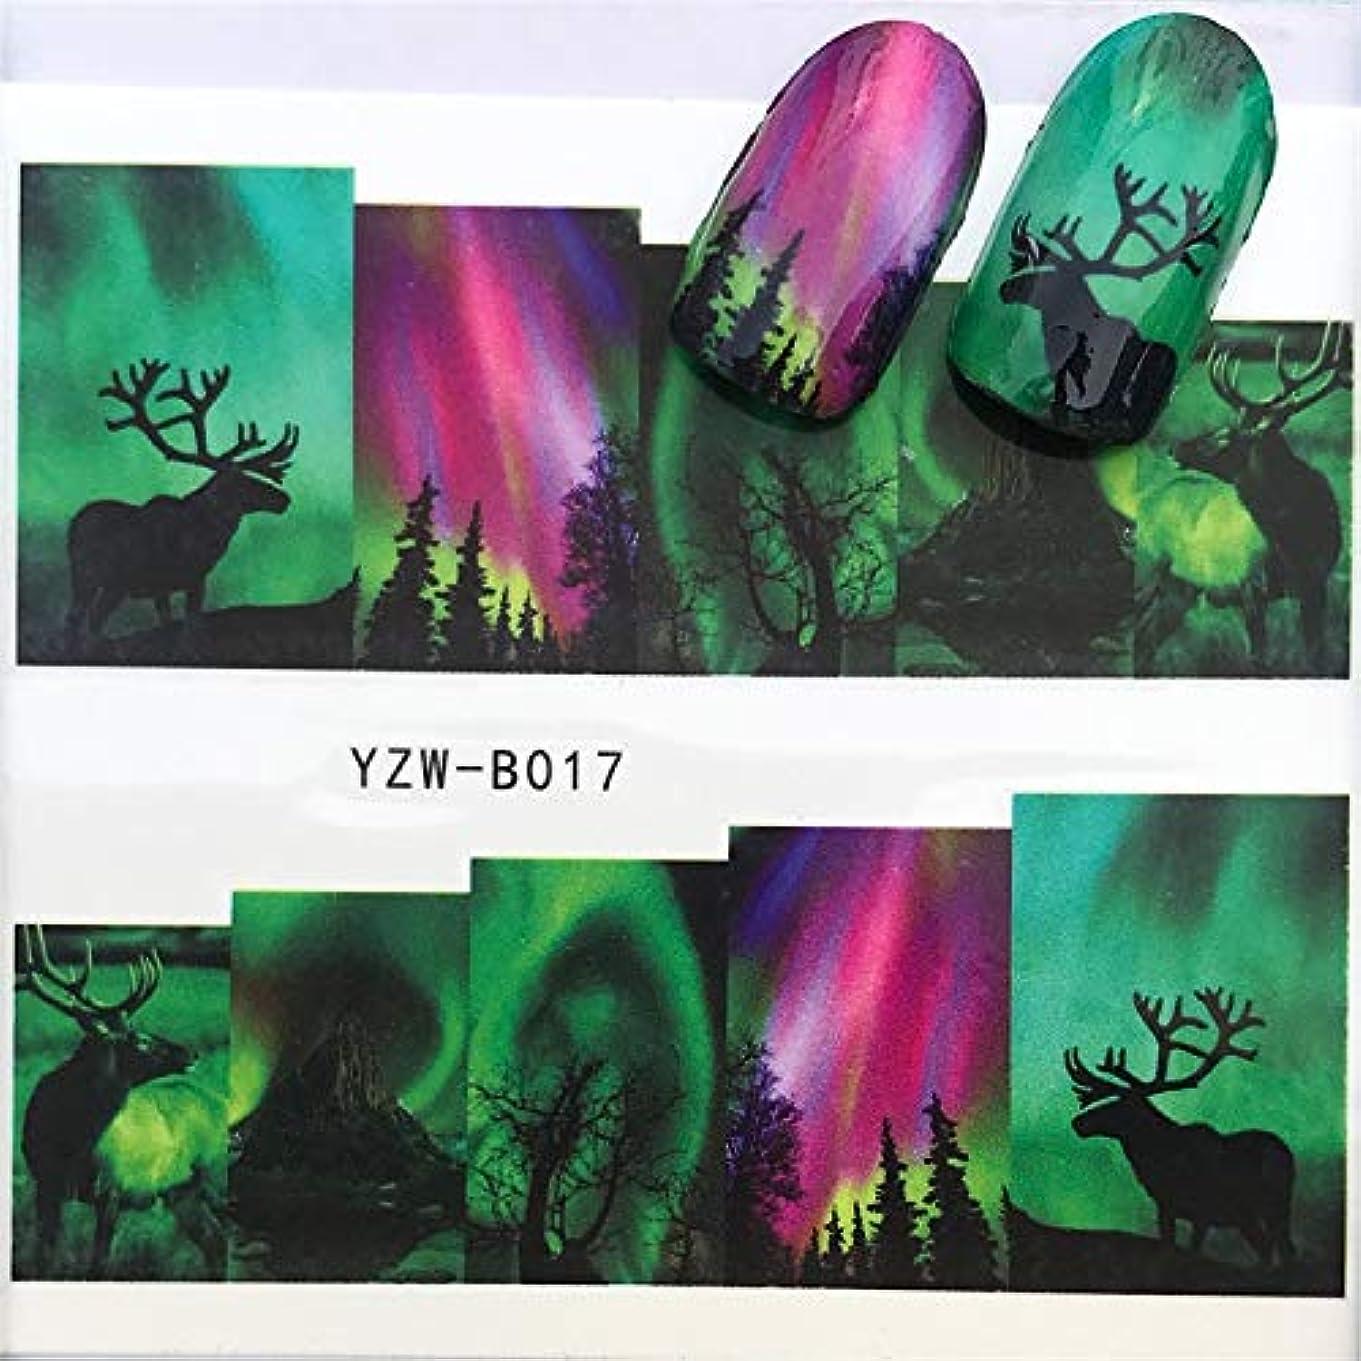 どれでもアボート壊すFlysea ネイルステッカー3 PCSネイルステッカーセットデカール水スライダーネイルズアート装飾、色転送:YZWB017を